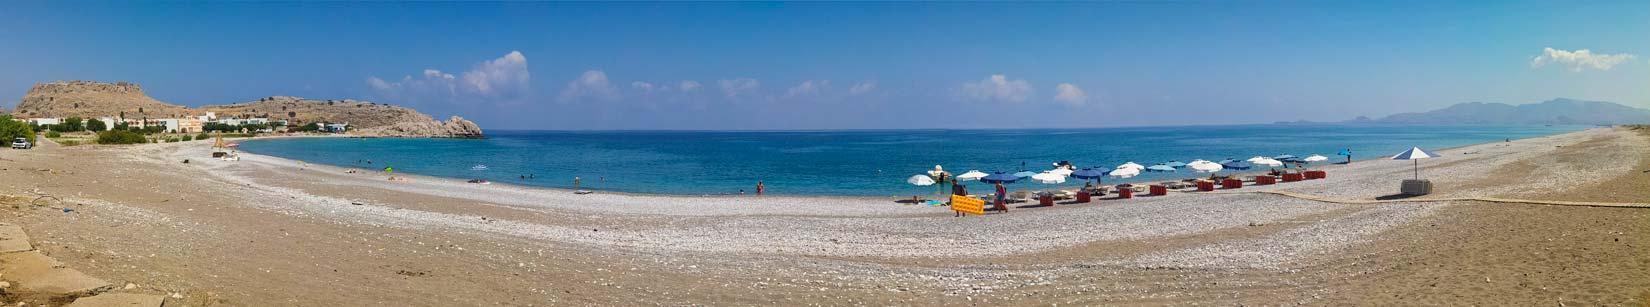 Haraki beach. Dlouhatánská pláž na dohled hradu Feraklos vám nabízí také pořádný kus soukromí a vymyká se tak jiným jižním plážím...